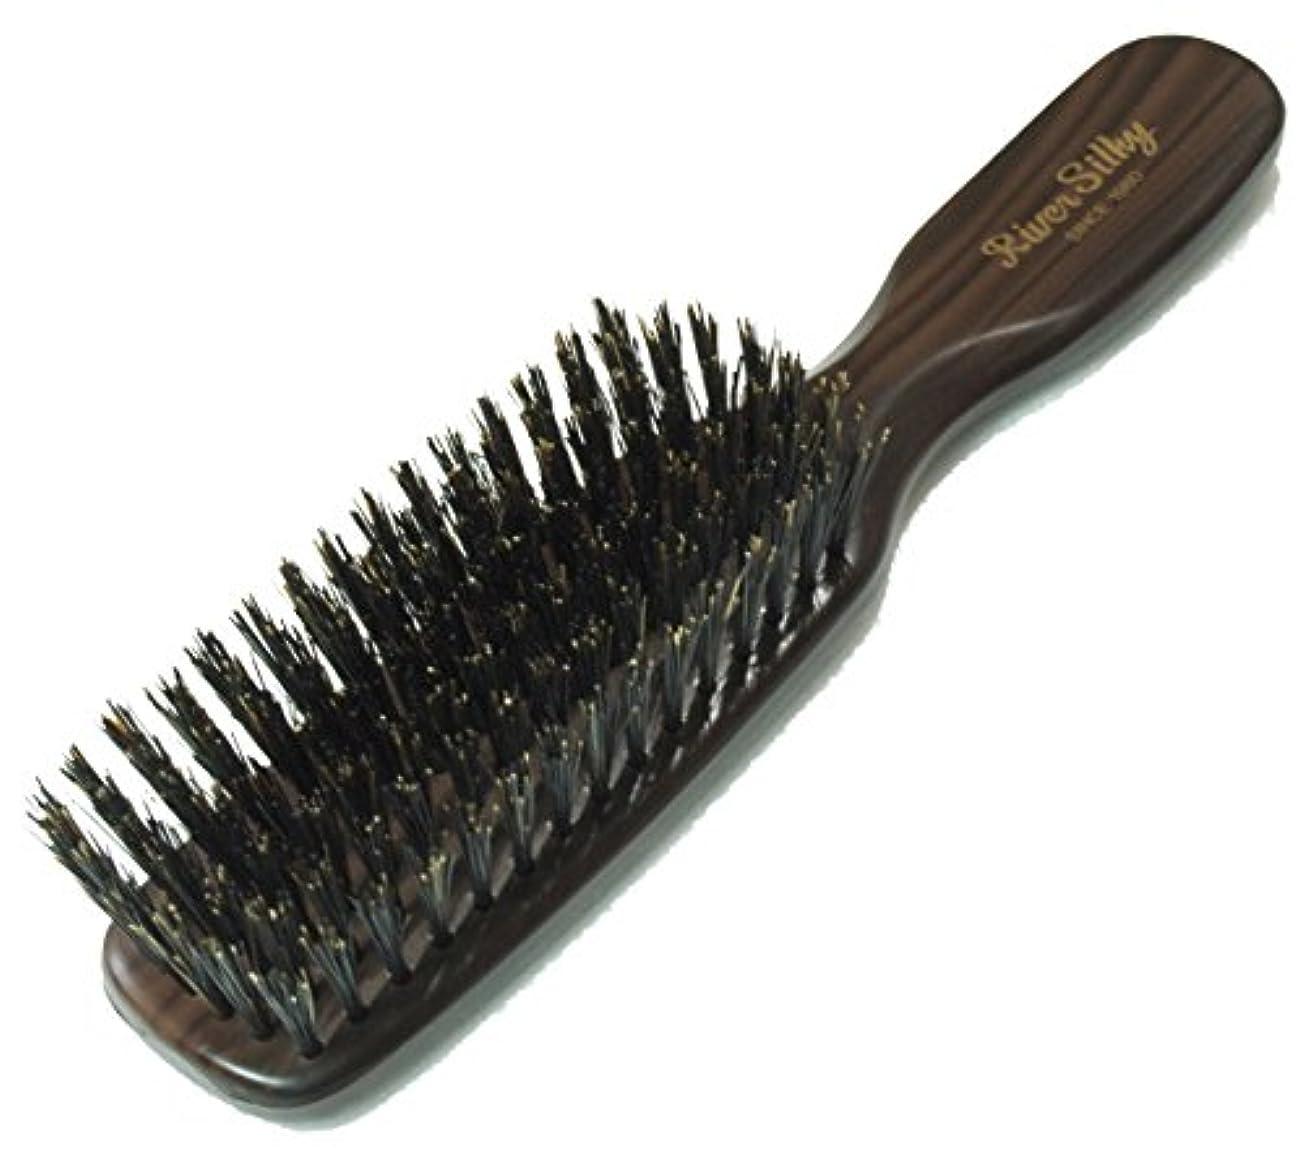 水星伝説アイデア静電気を抑え髪を傷めにくい 木目調 猪毛 ヘア ブラシ 細植タイプ